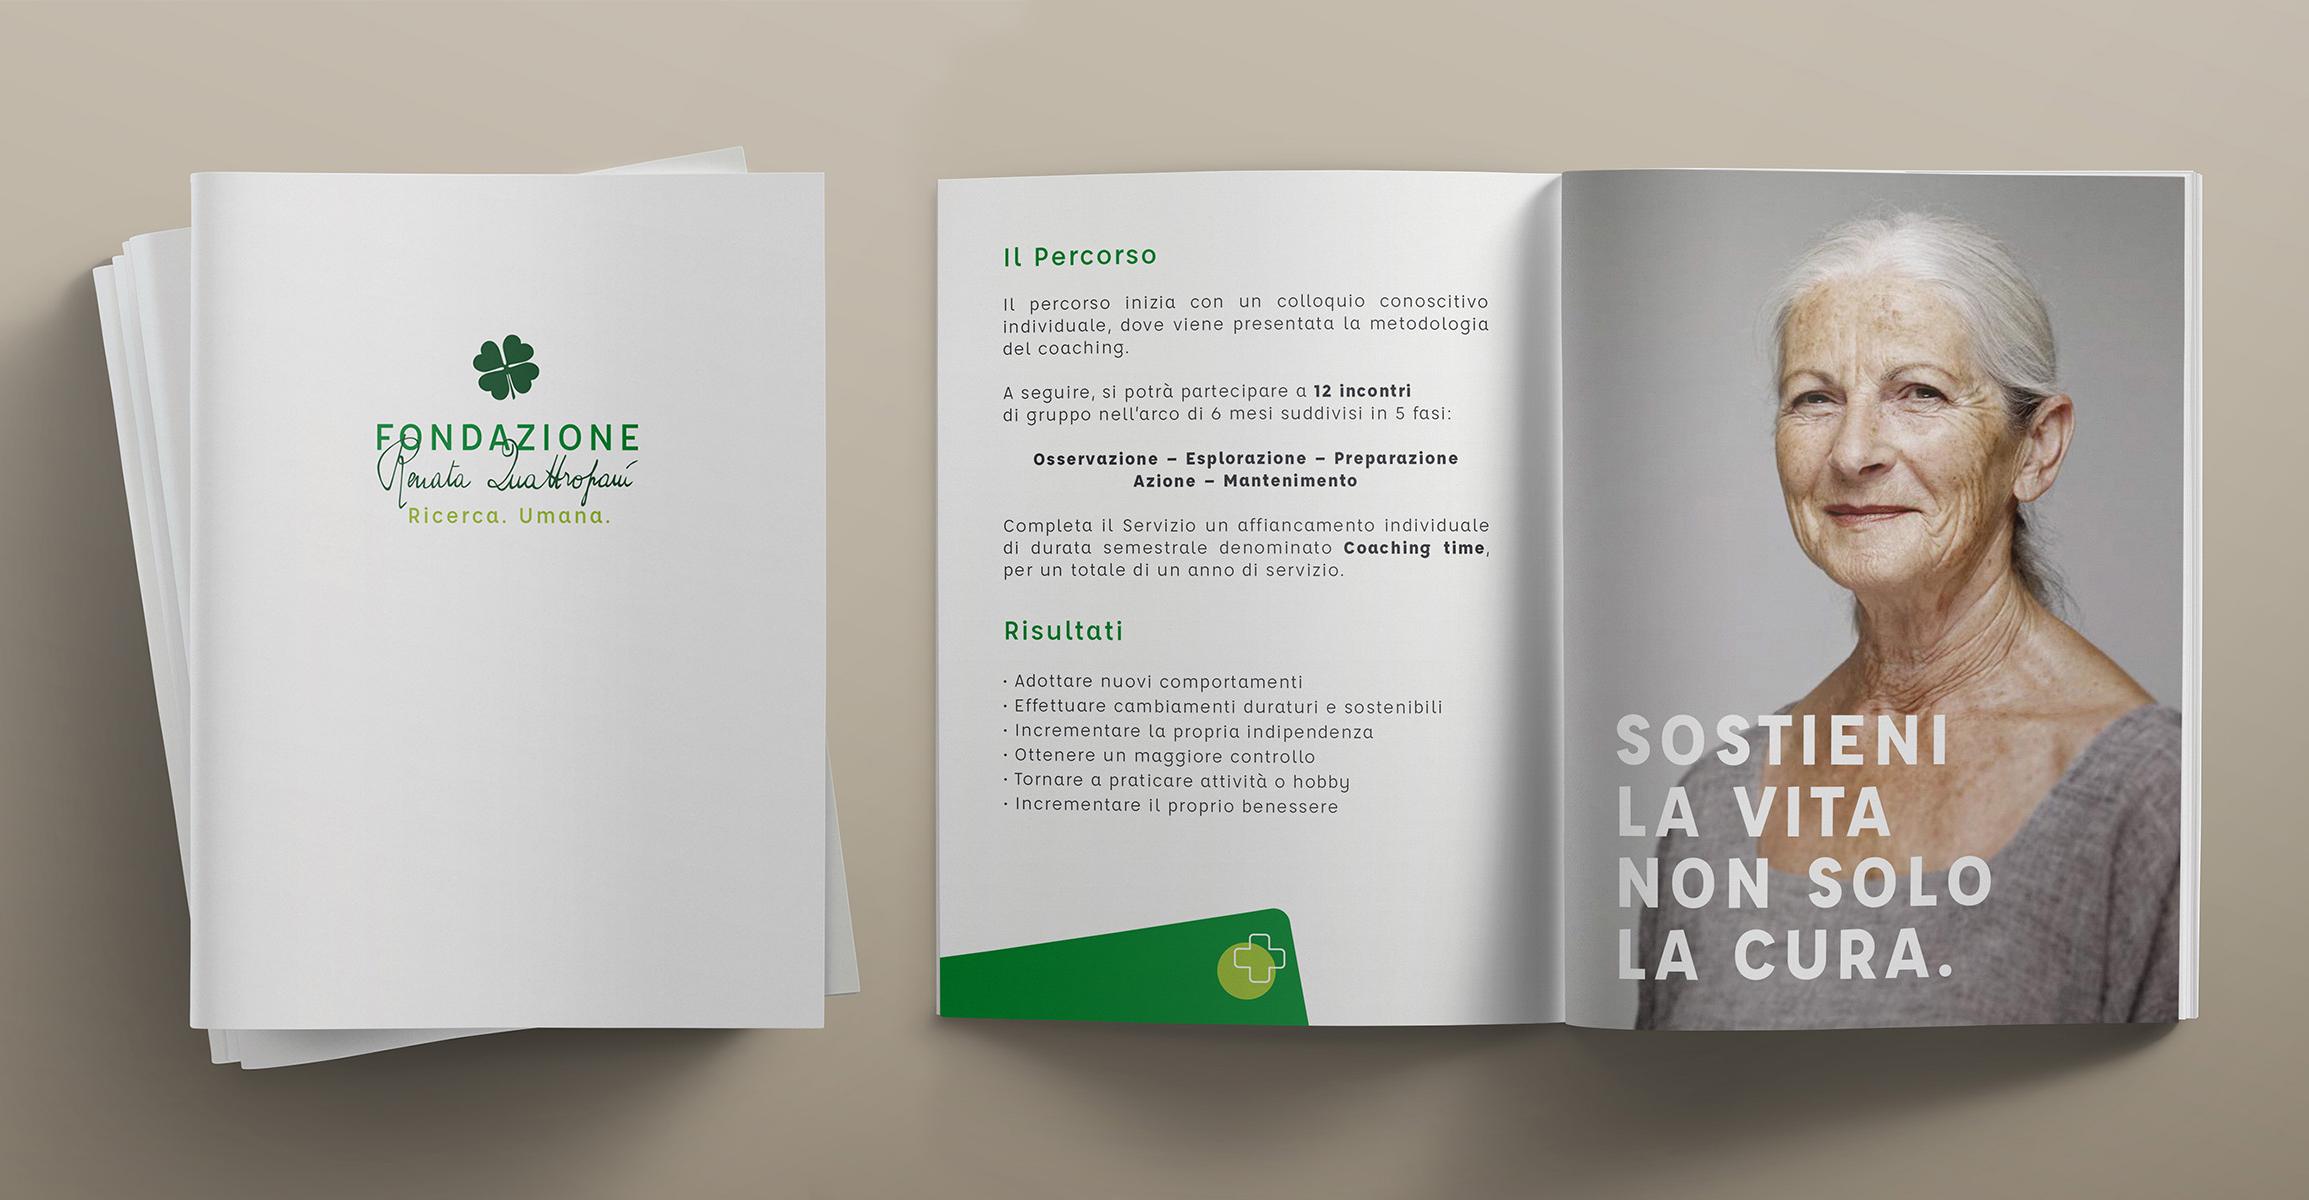 Moodie Comunicazione - Fondazione Renata Quattropani di Milano